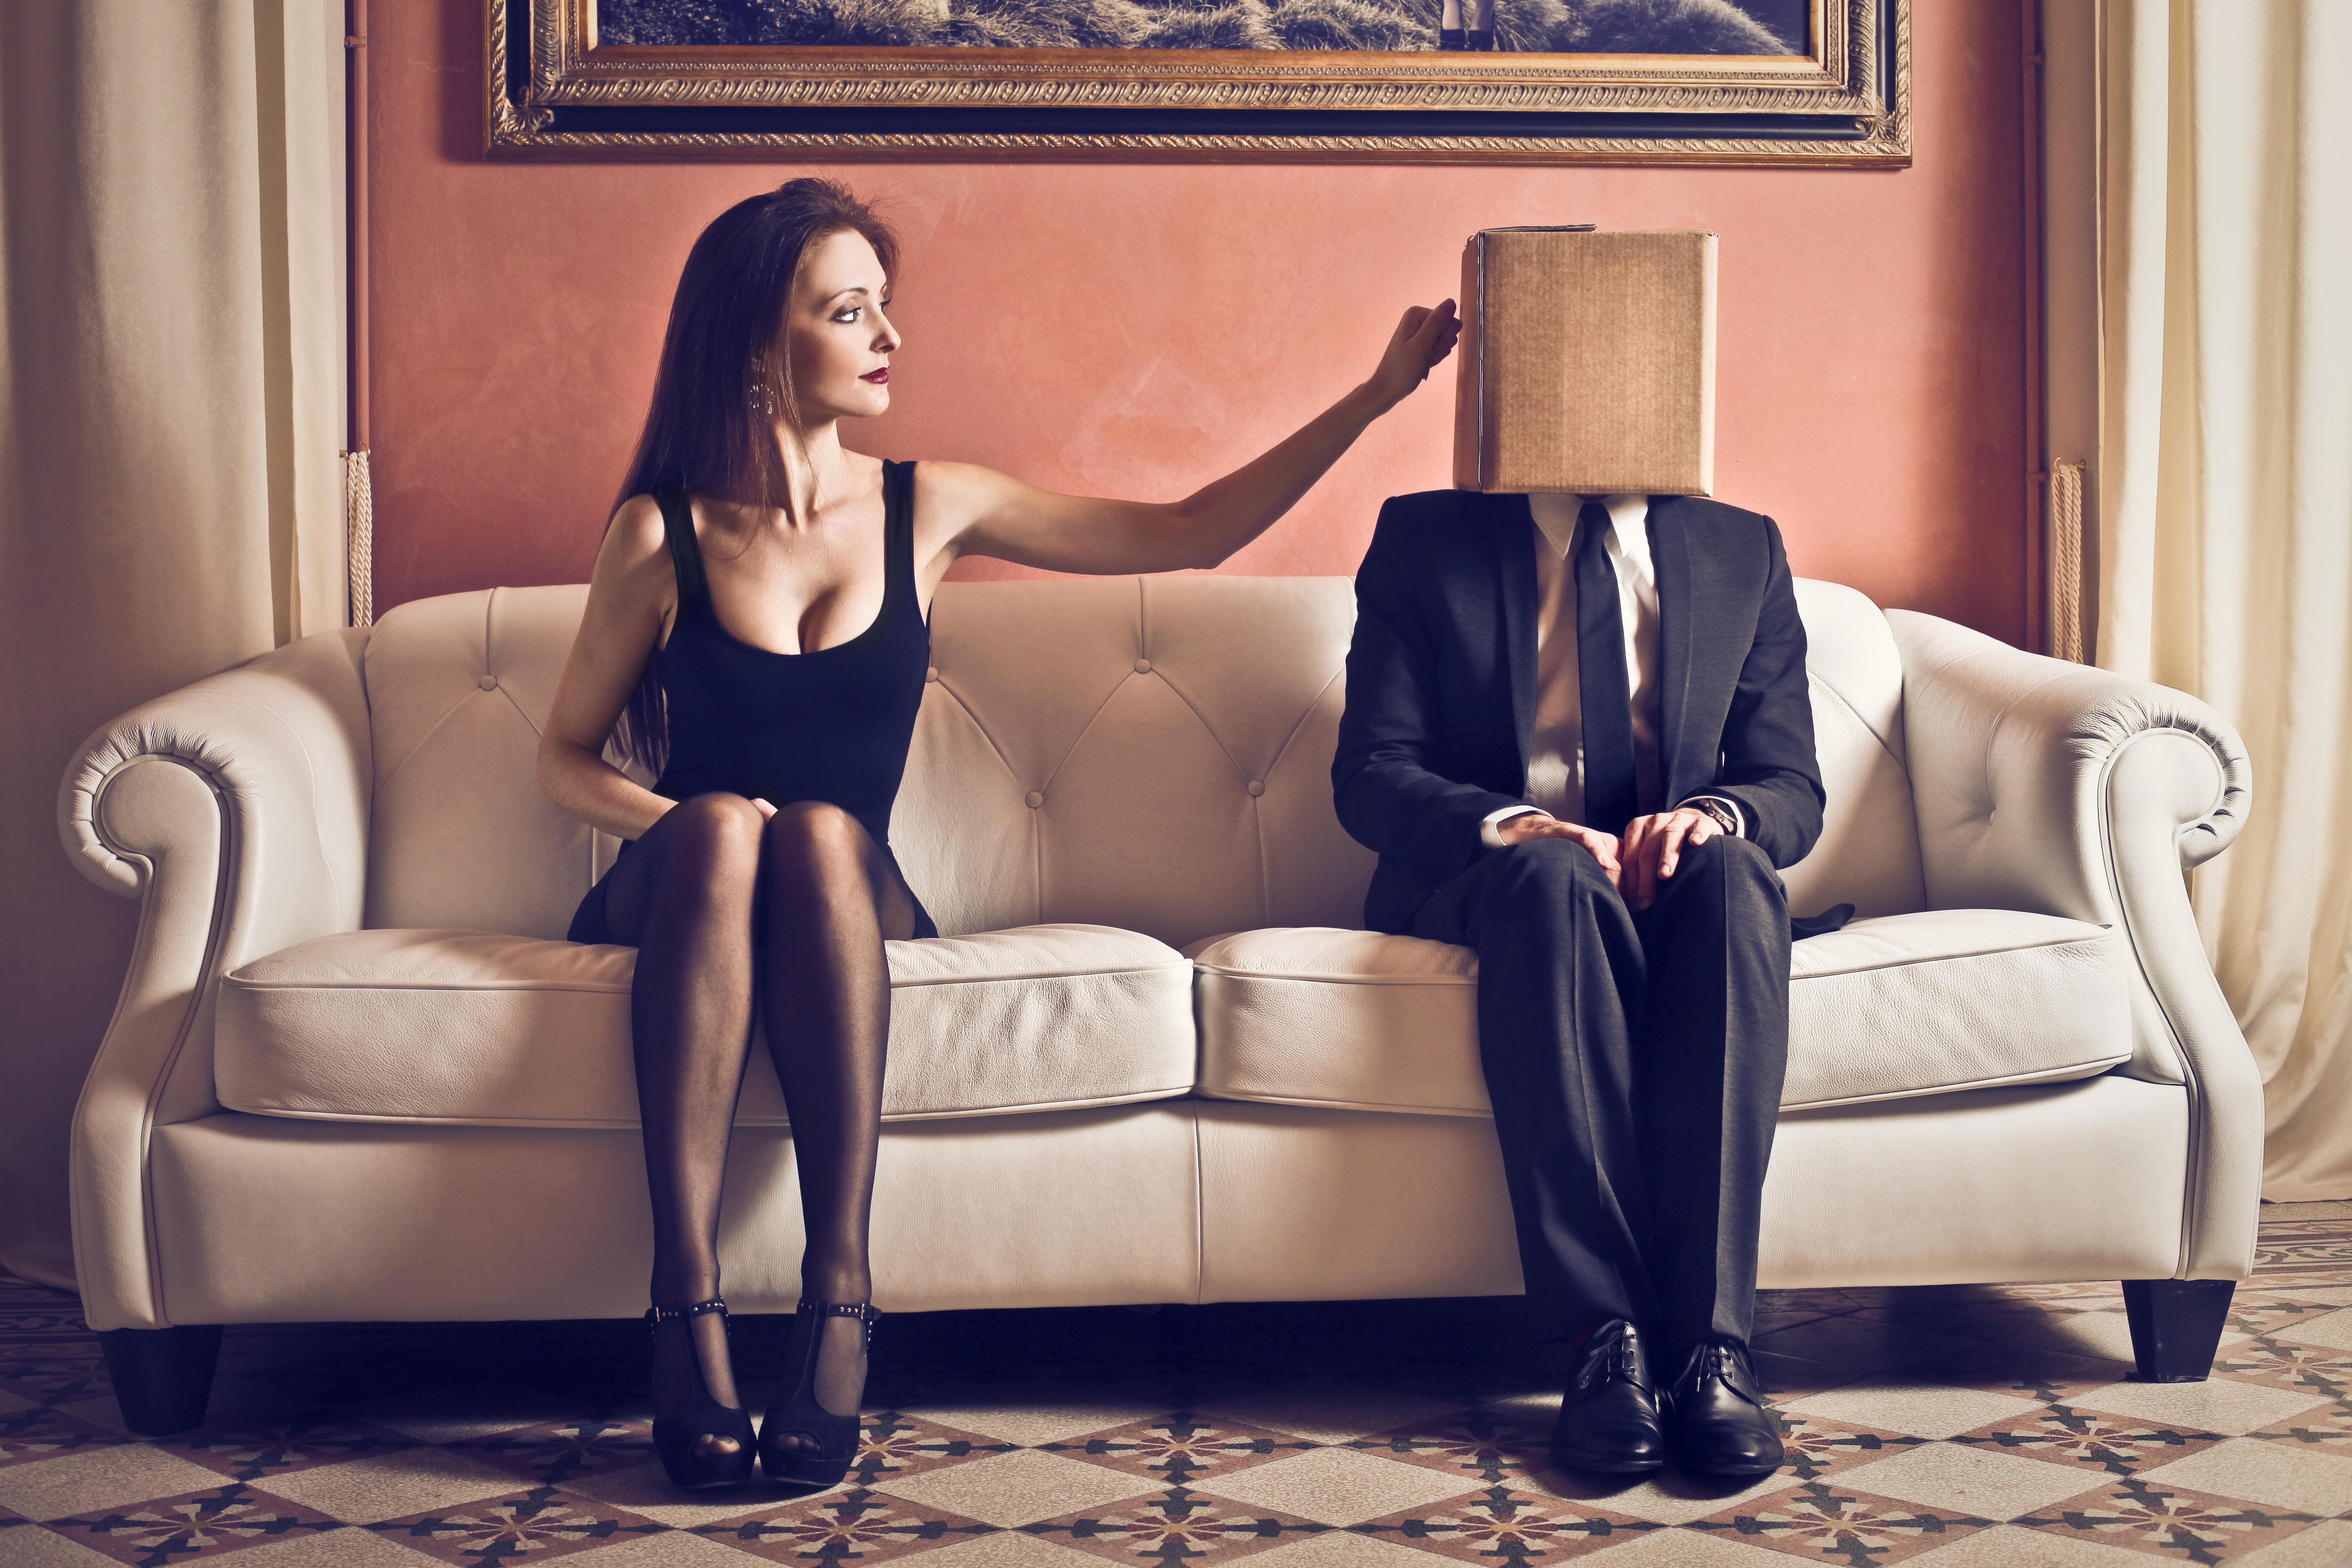 die narzisstisch gestörte Beziehung